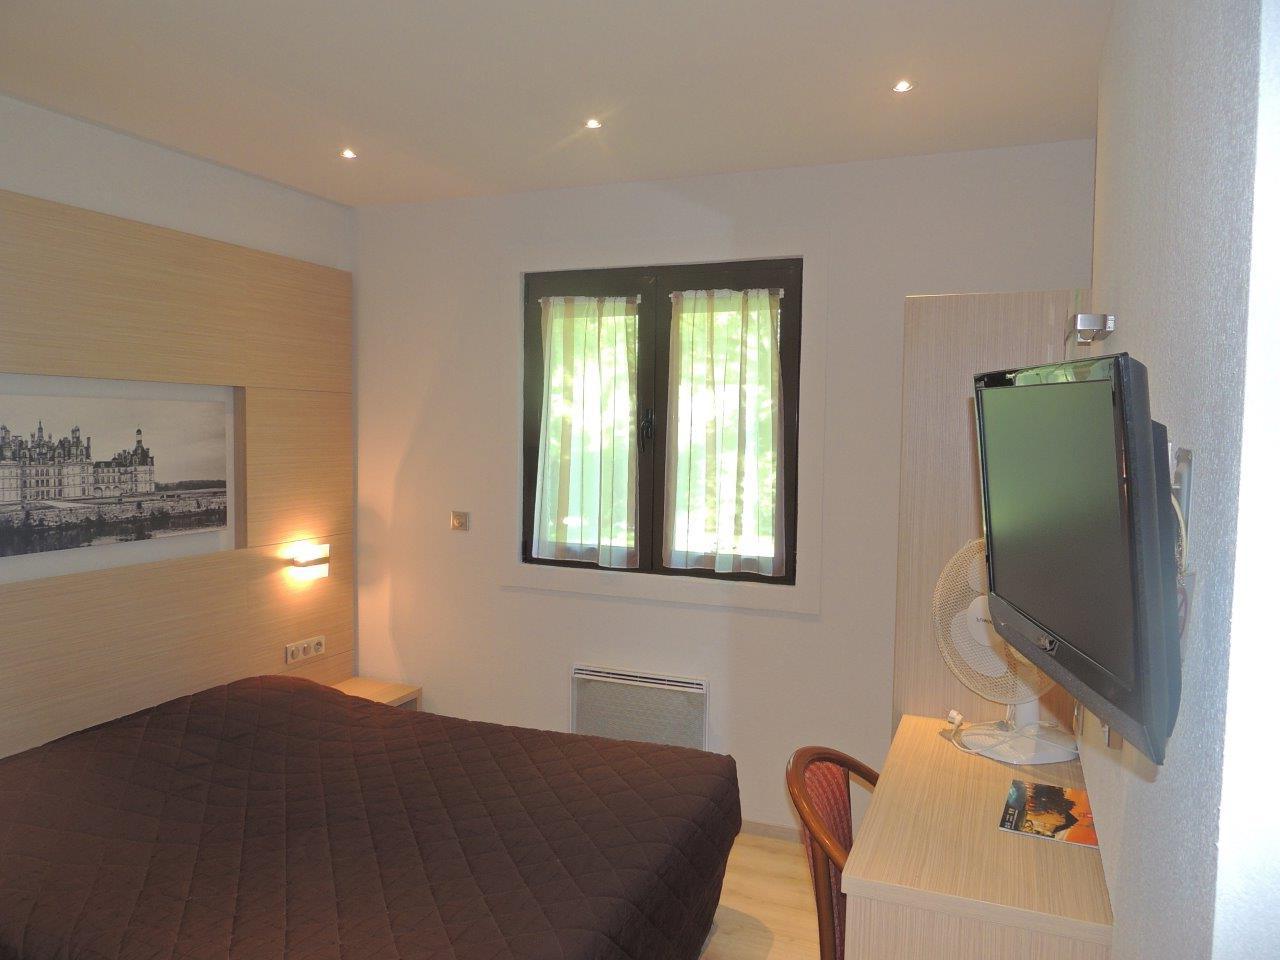 Chambre d'hôtel double au premier étage, un grand lit de 160 par 200